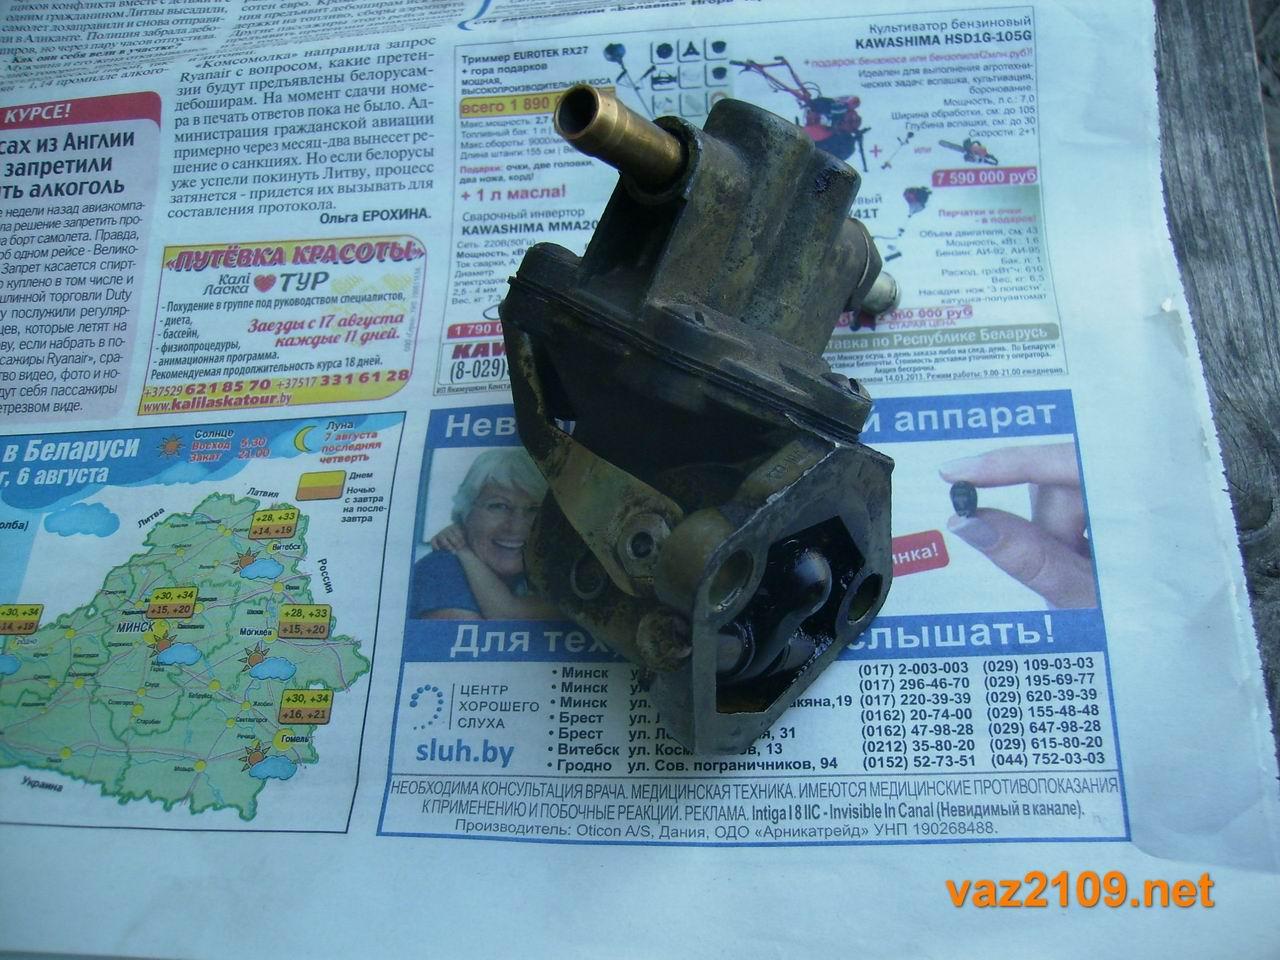 toplivnyiy nasos vaz 2109 6 - Толкатель бензонасоса ваз 2109 карбюратор